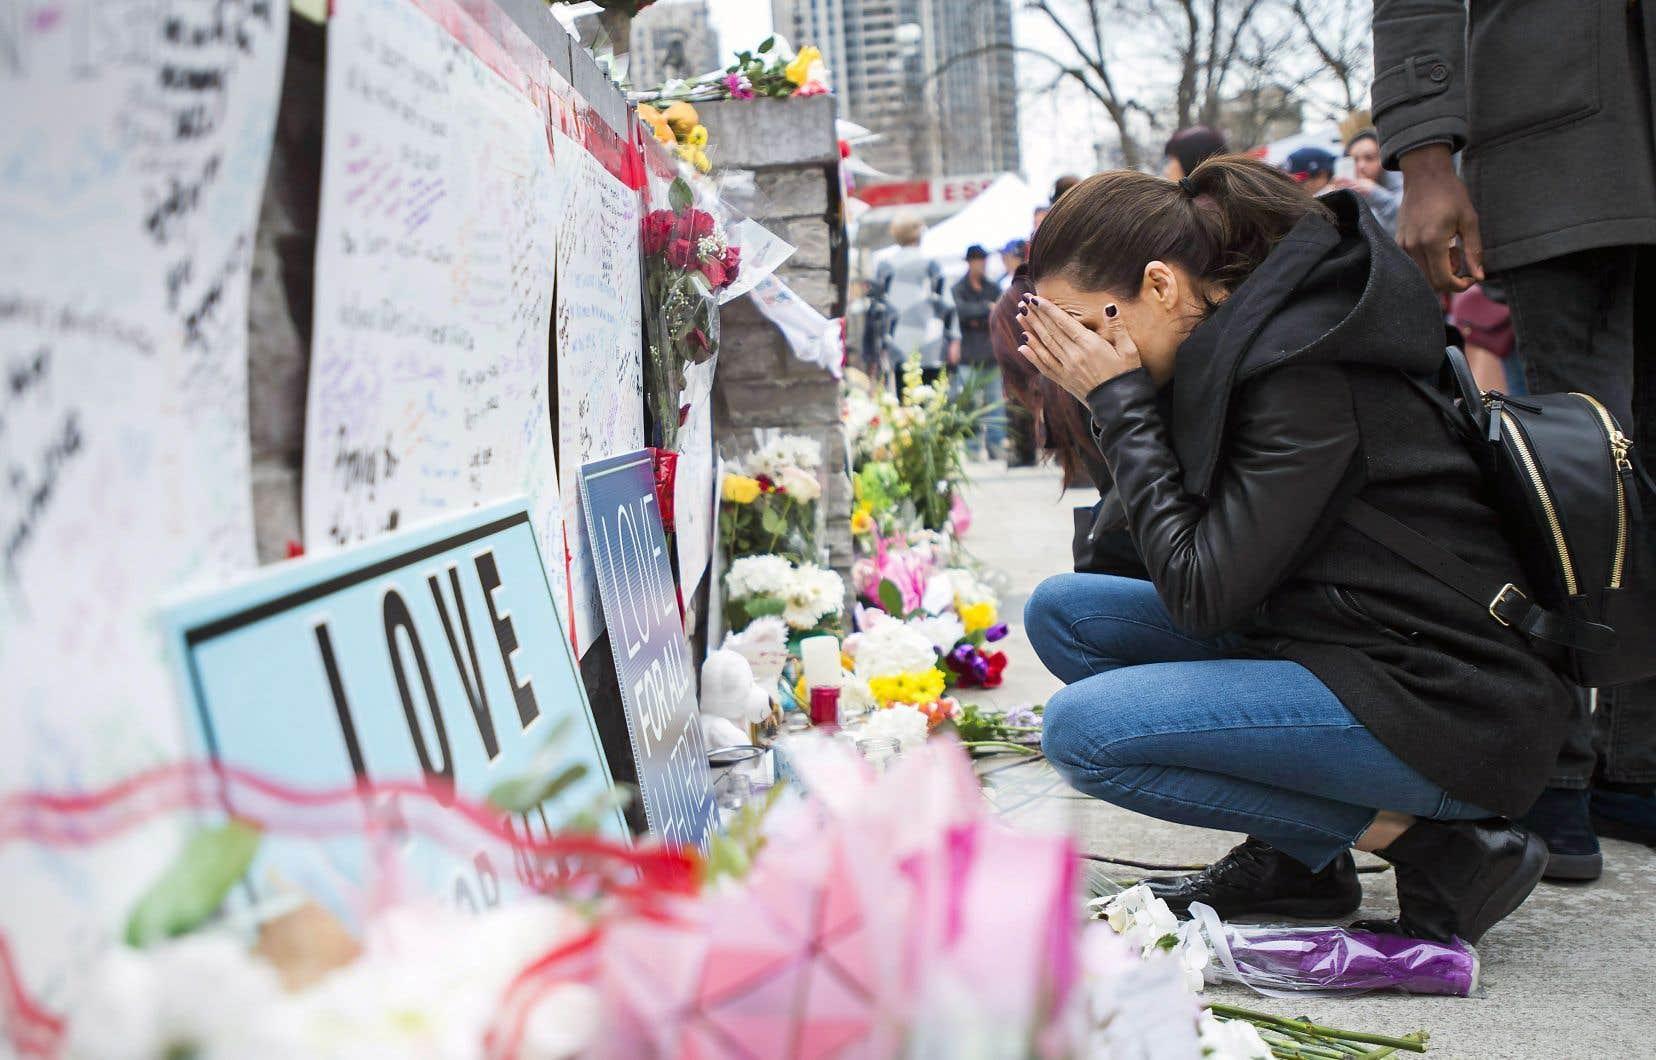 Une femme se recueille près de l'endroit qui a été le théâtre de l'attaque au camion-bélier, lundi.